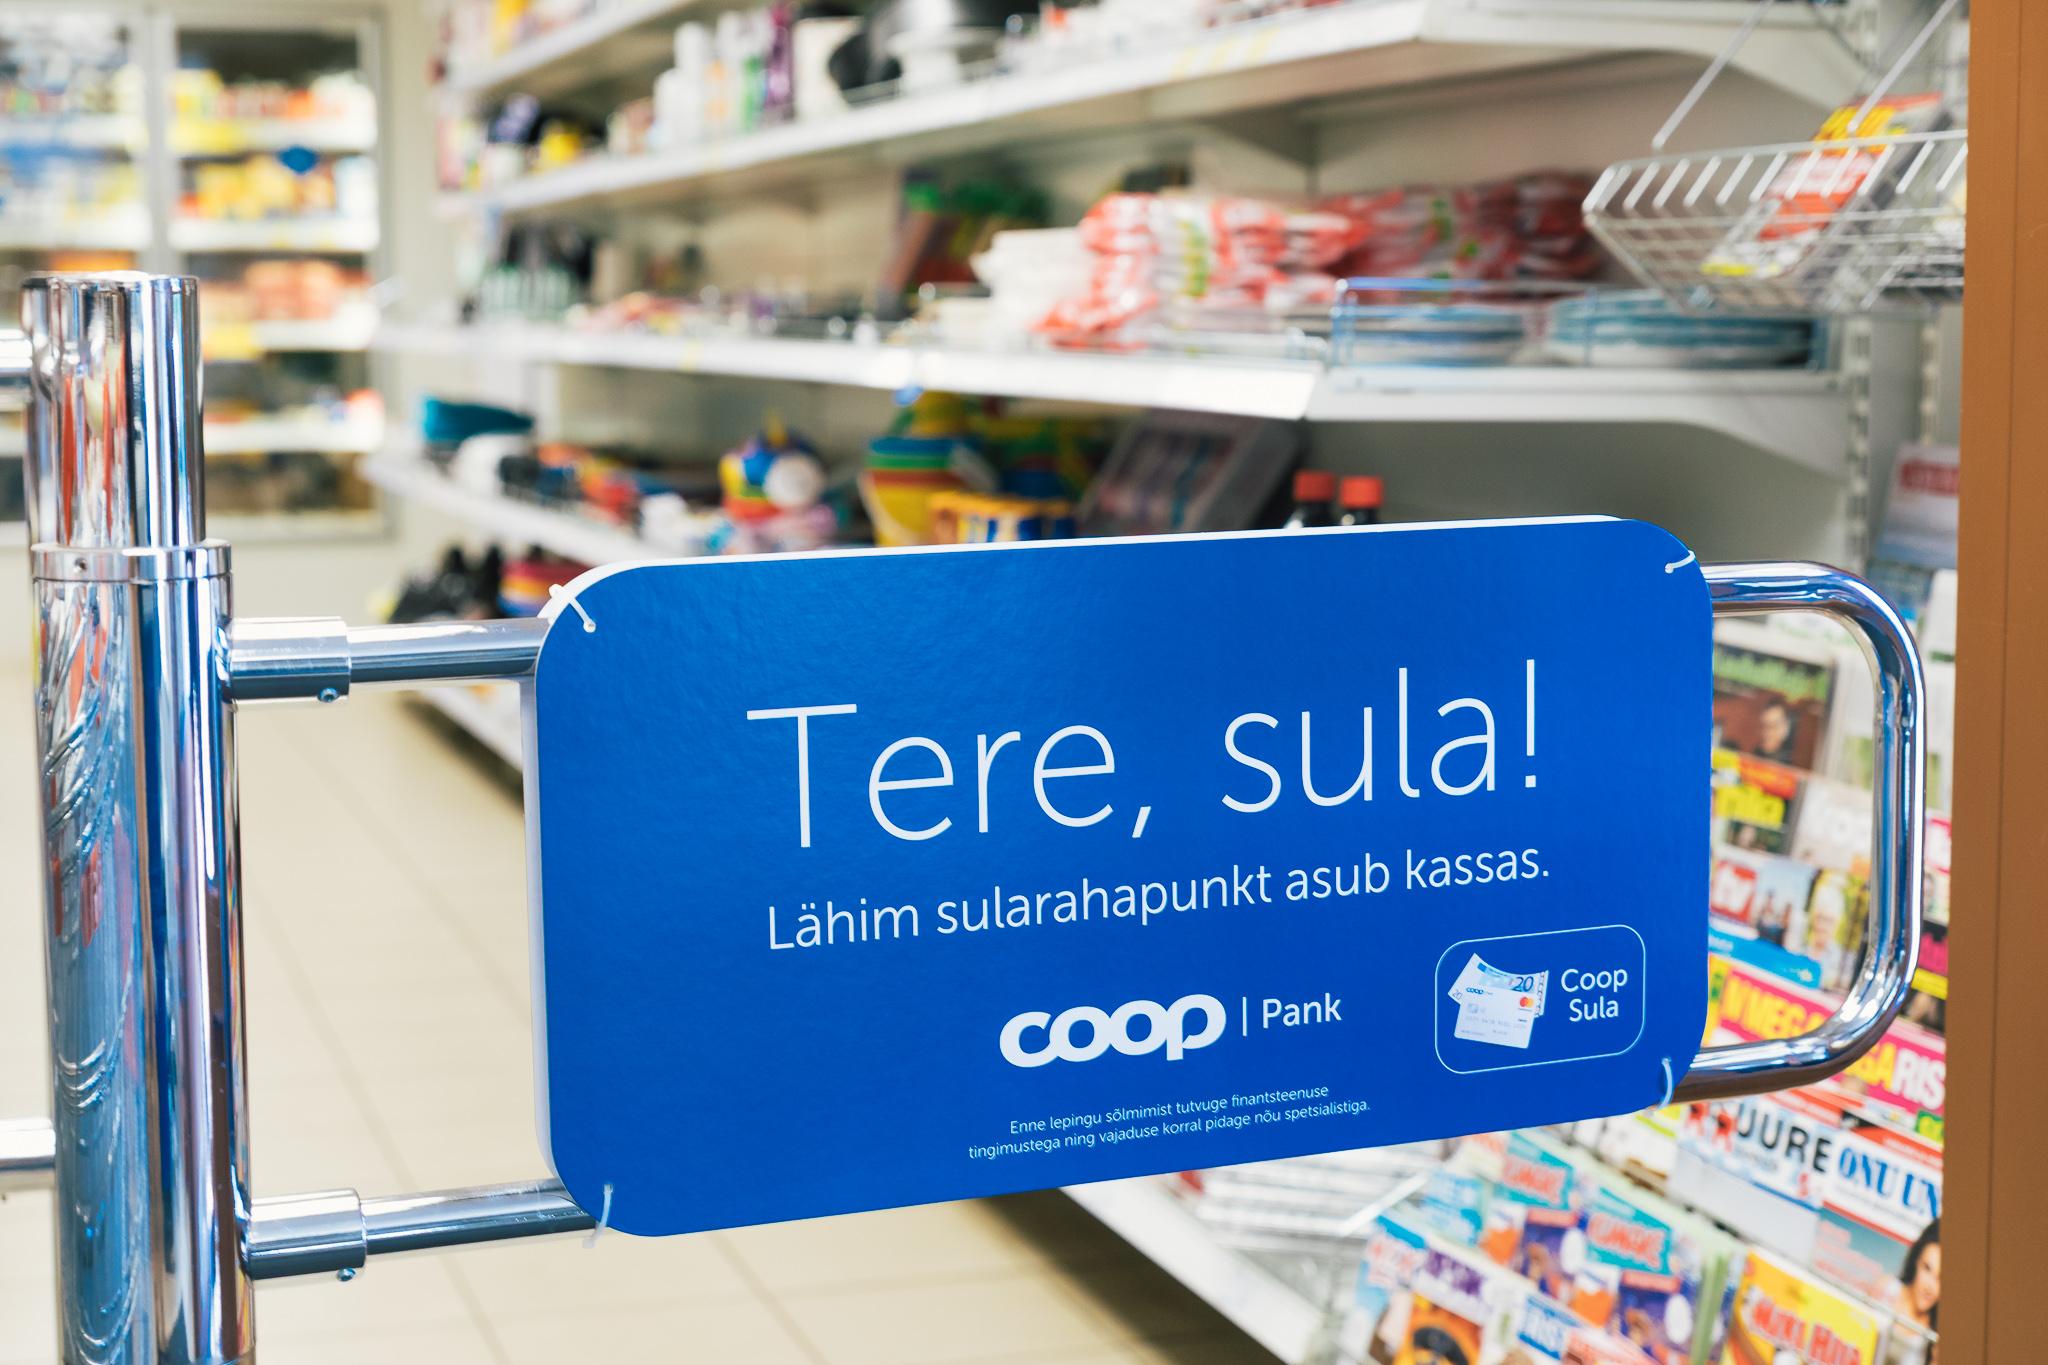 Majandus.ee: Coop Foto: Andres Raudjalg